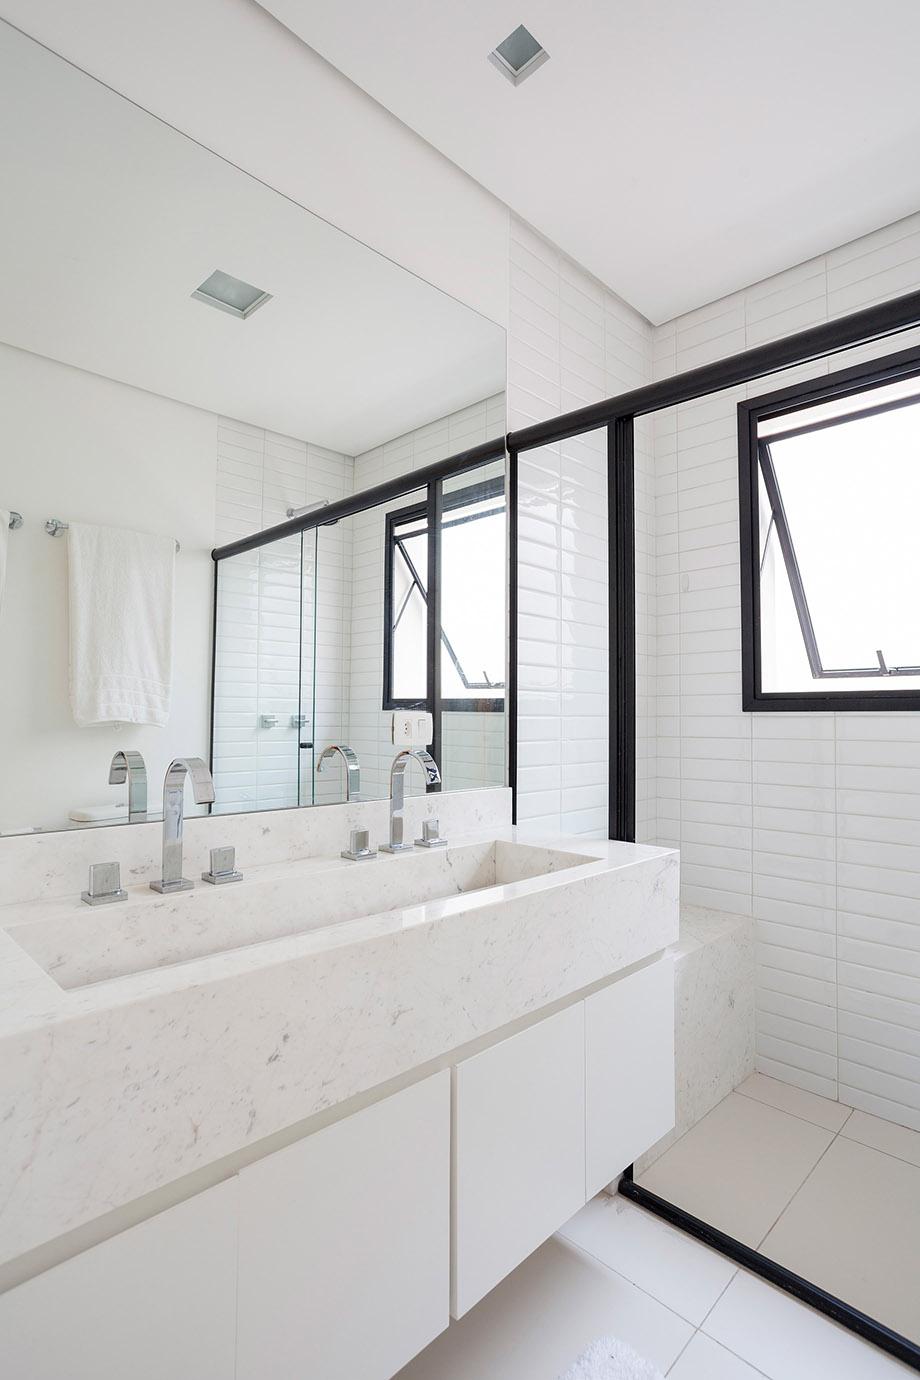 กระเบื้องห้องน้ำสีขาว